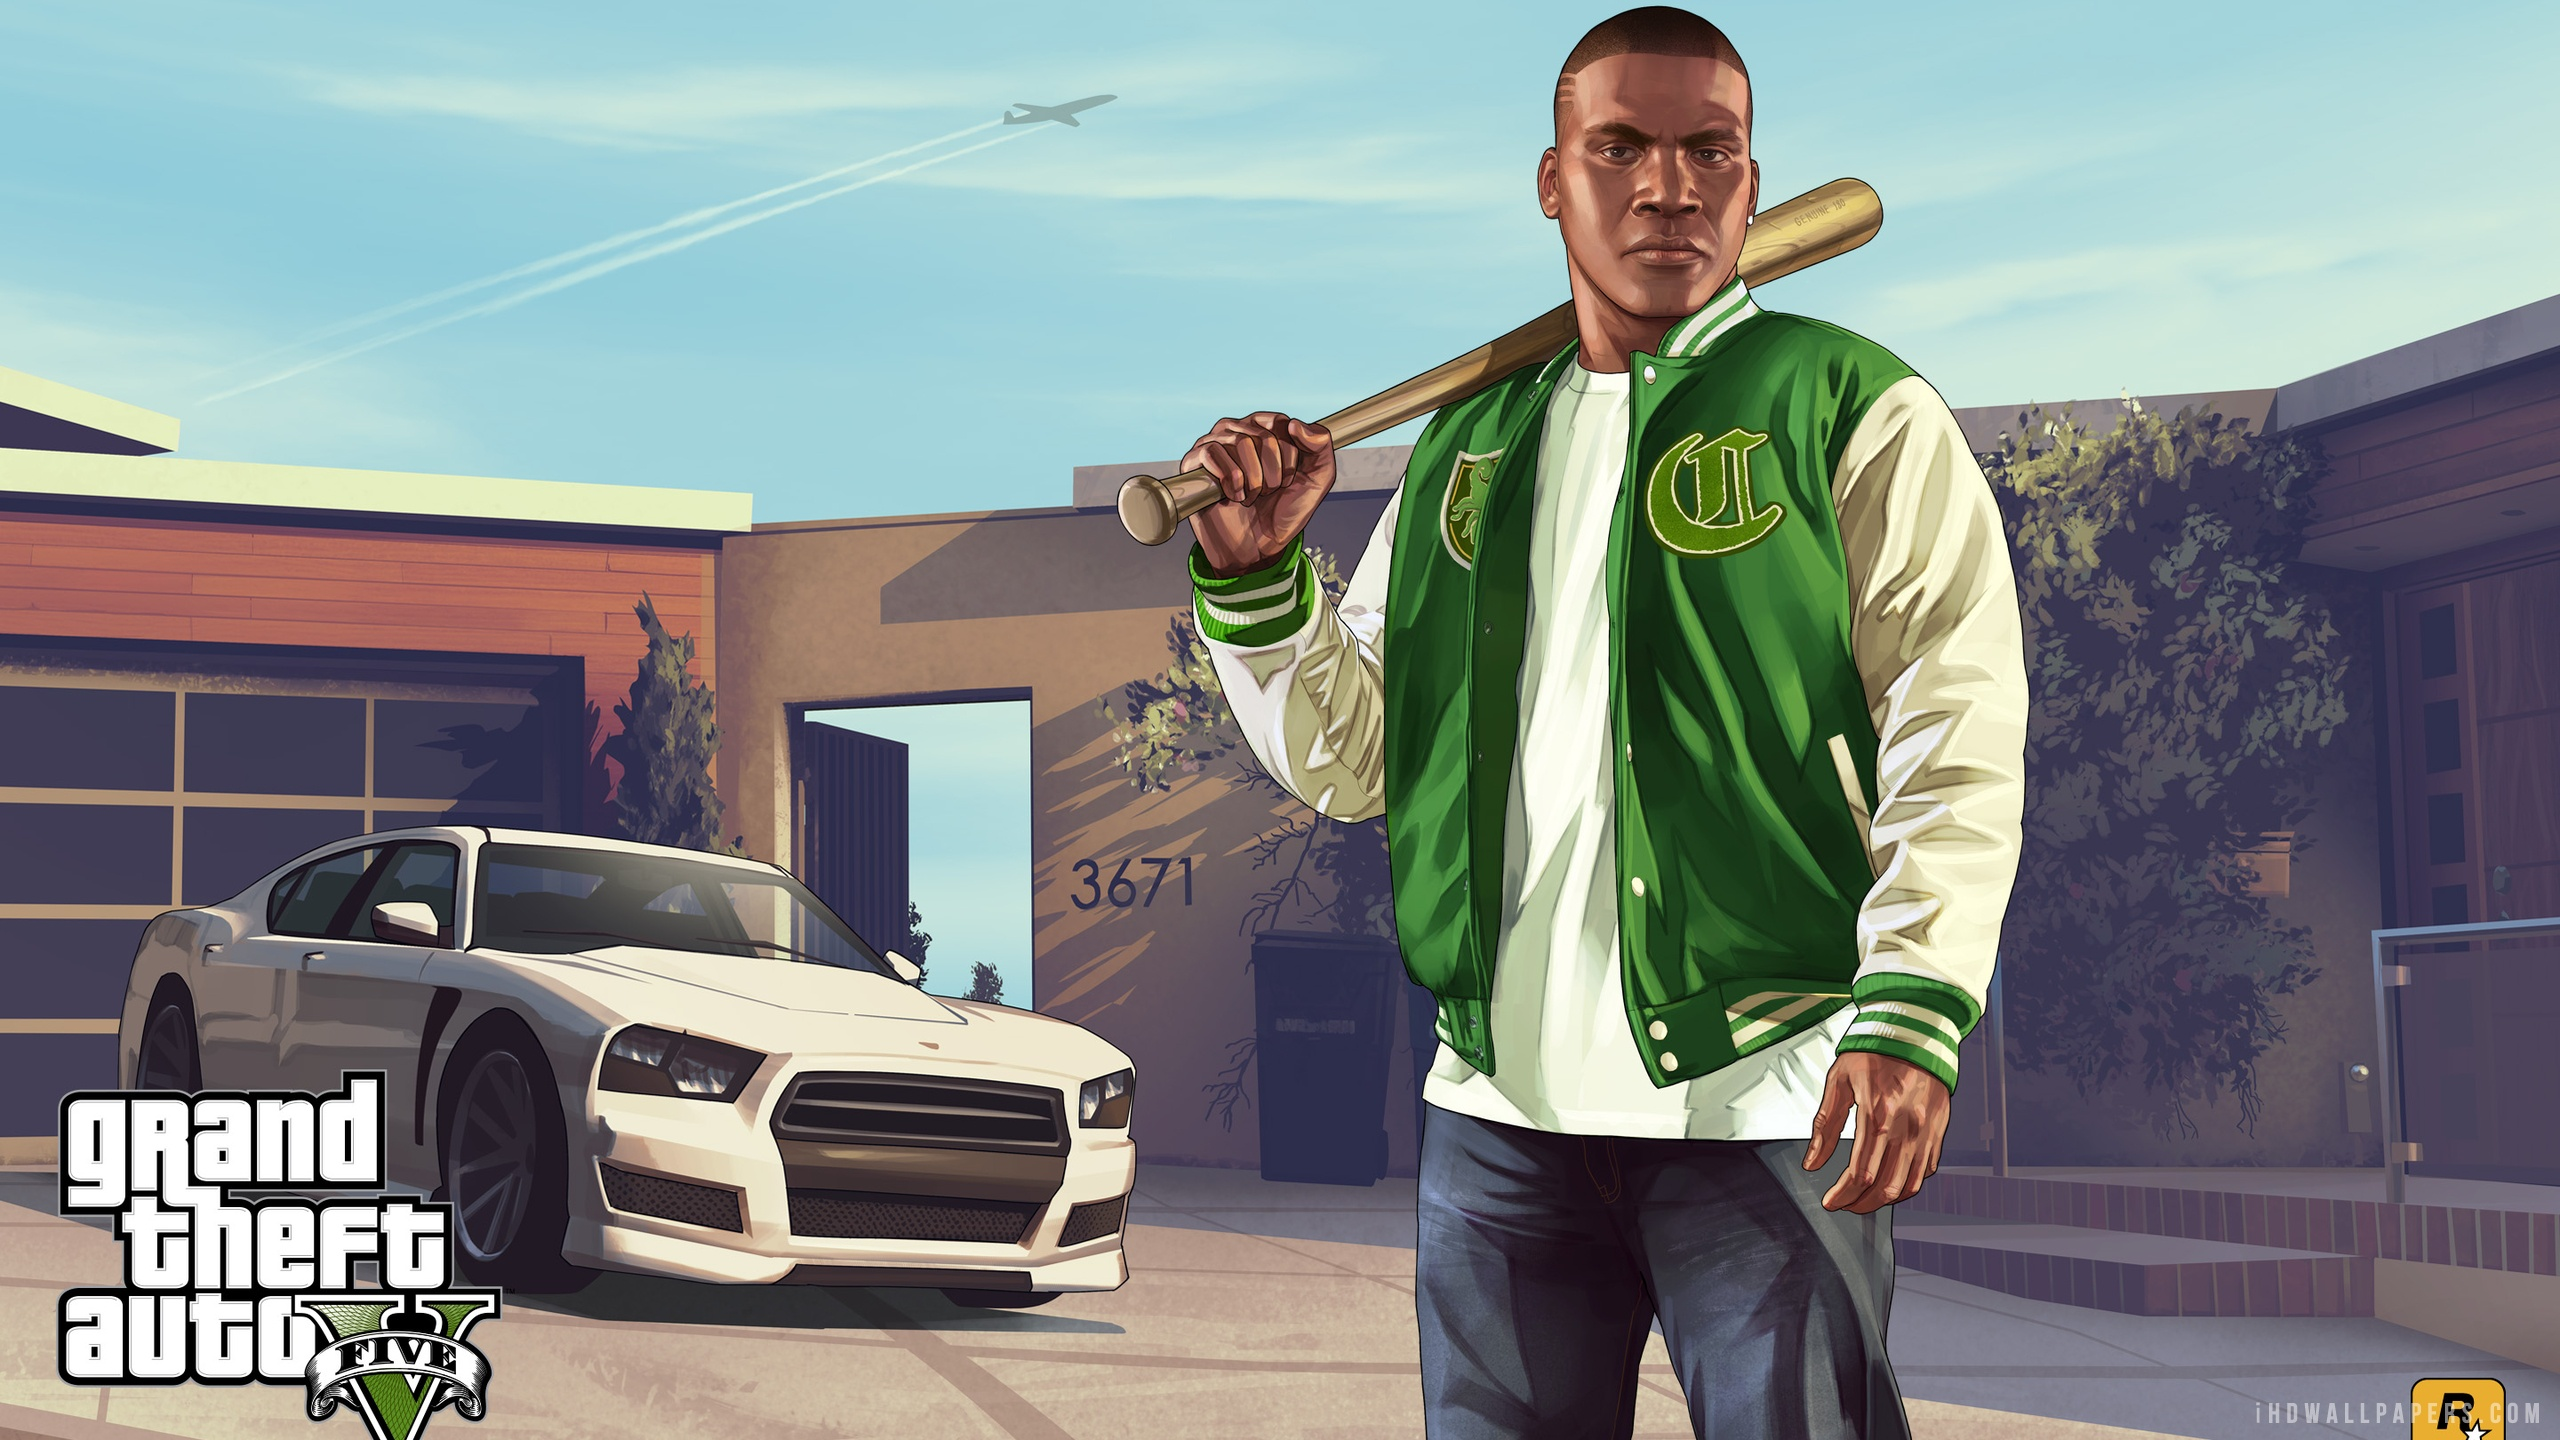 Franklin in Grand Theft Auto V Wallpaper 2560x1440